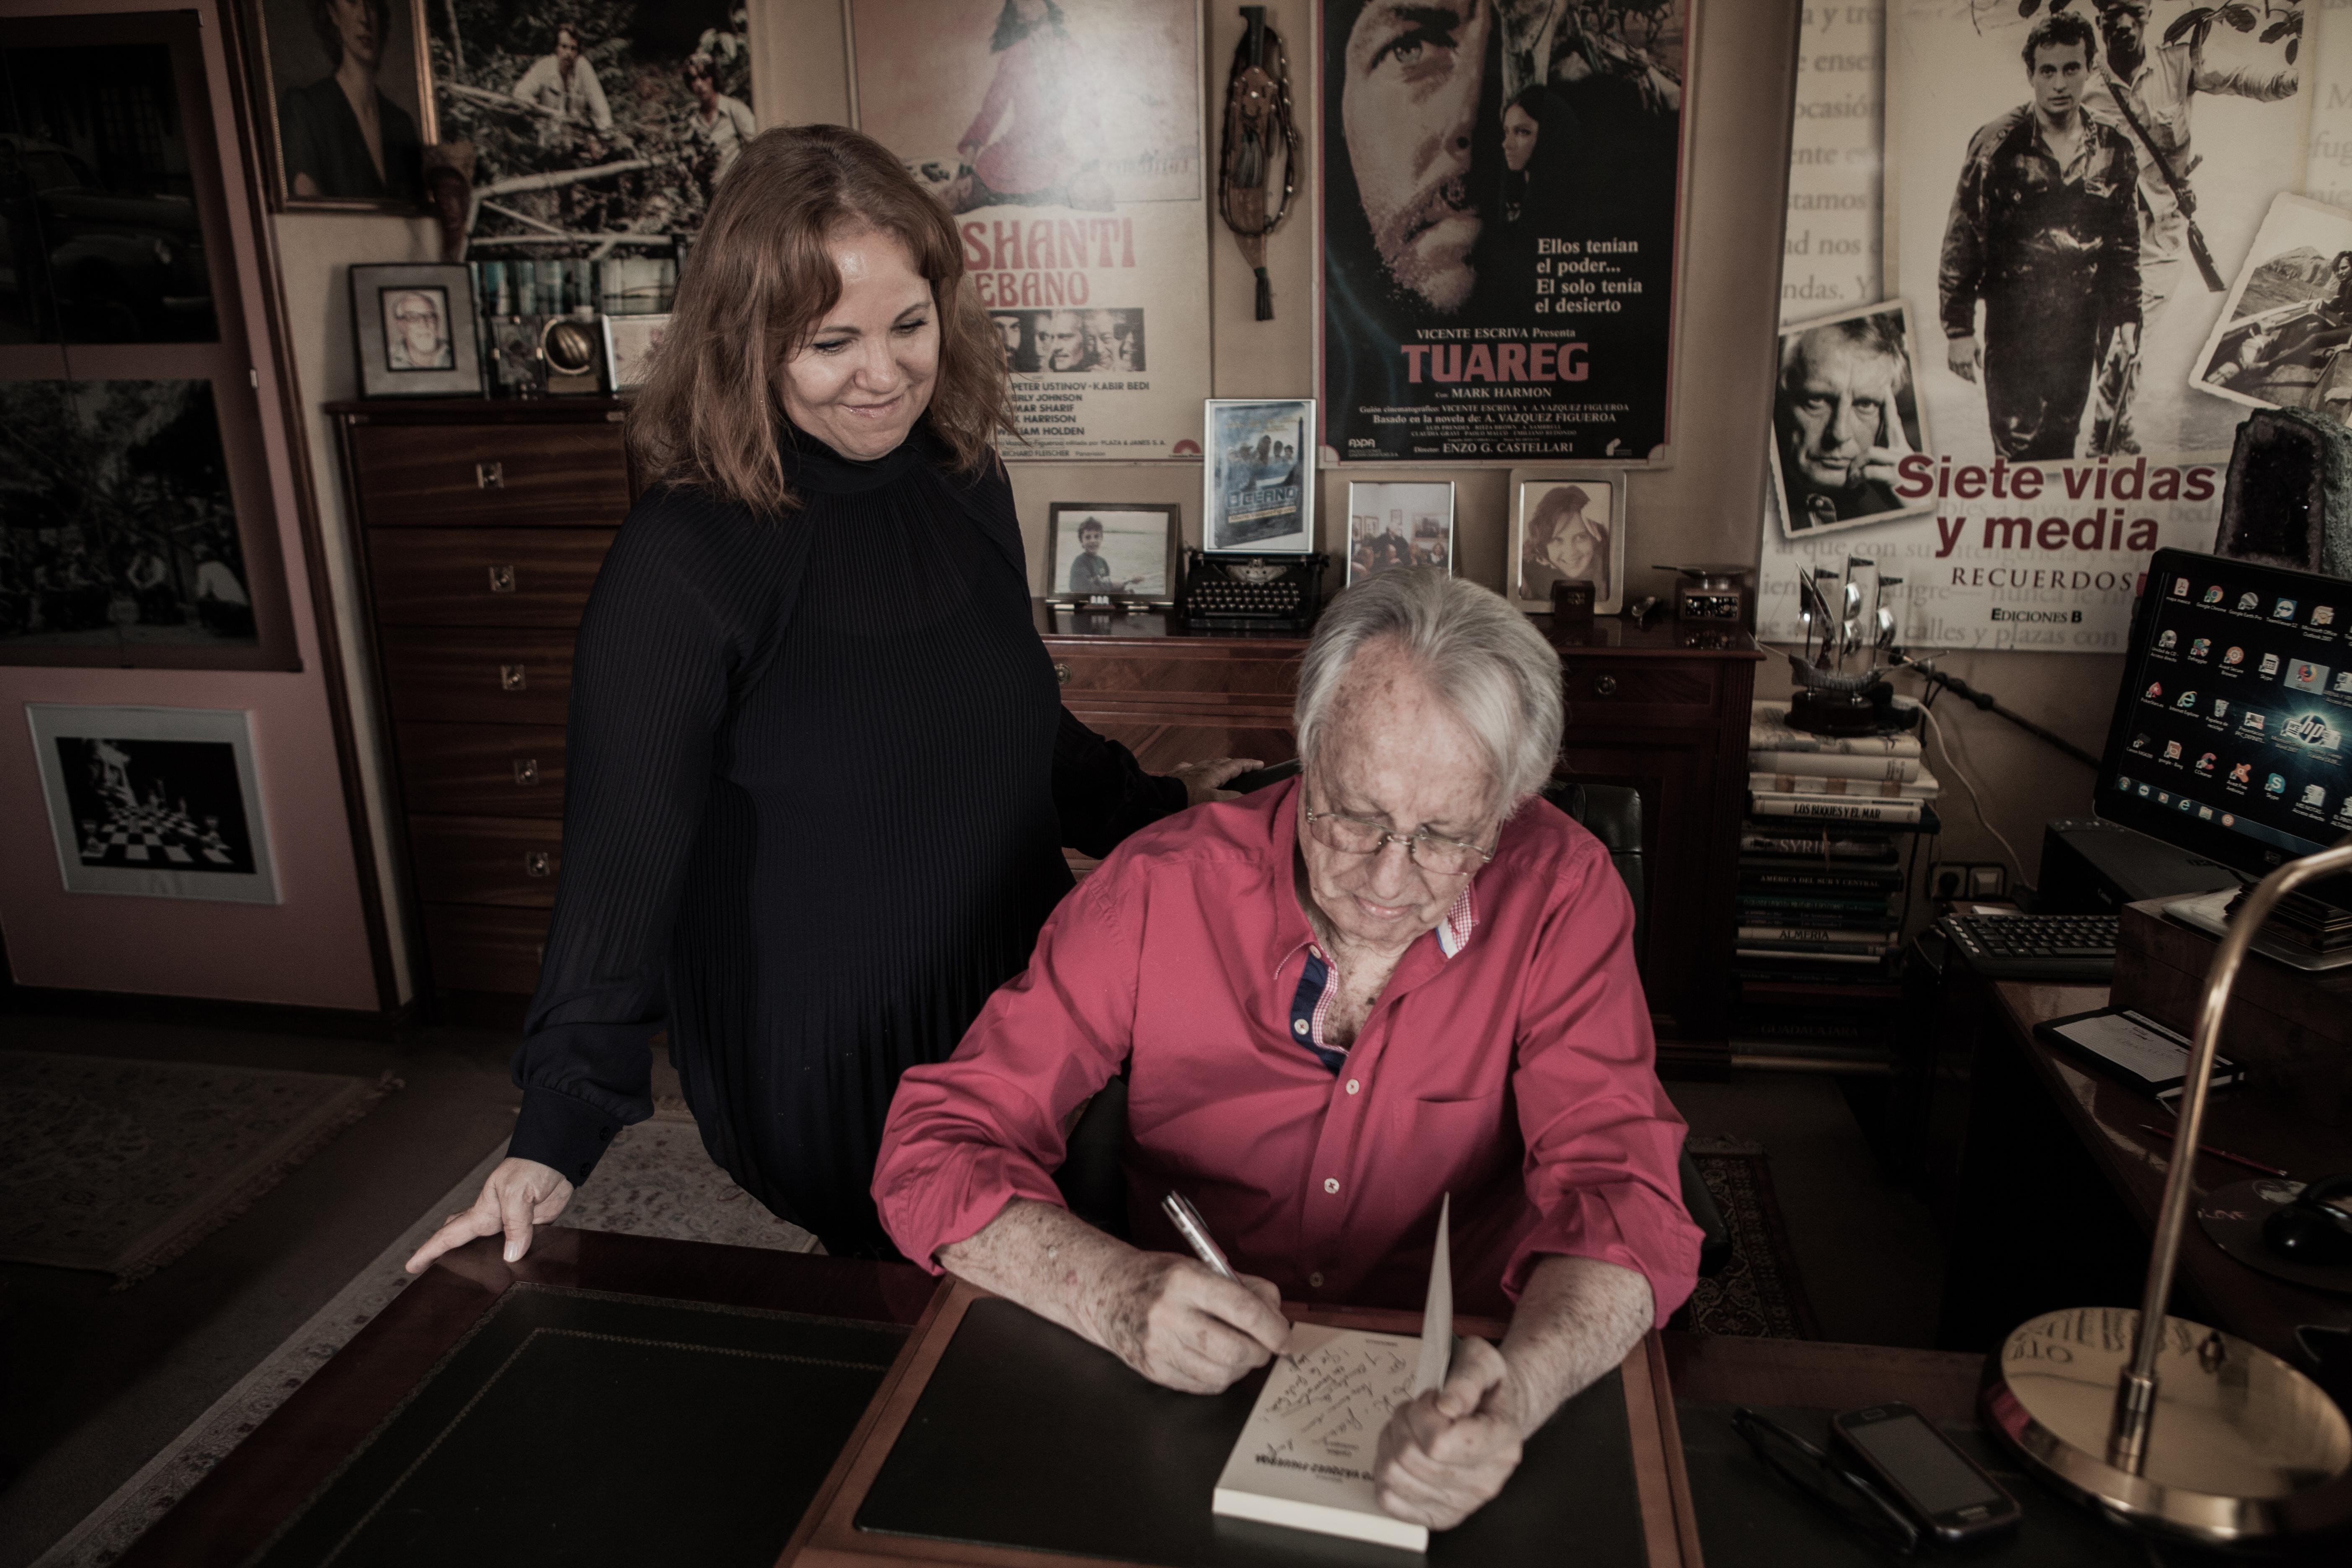 Entrevista concedida por Alberto Vázquez Figueroa a Dolores Hernández, el 2 de noviembre de 2018, en Madrid.